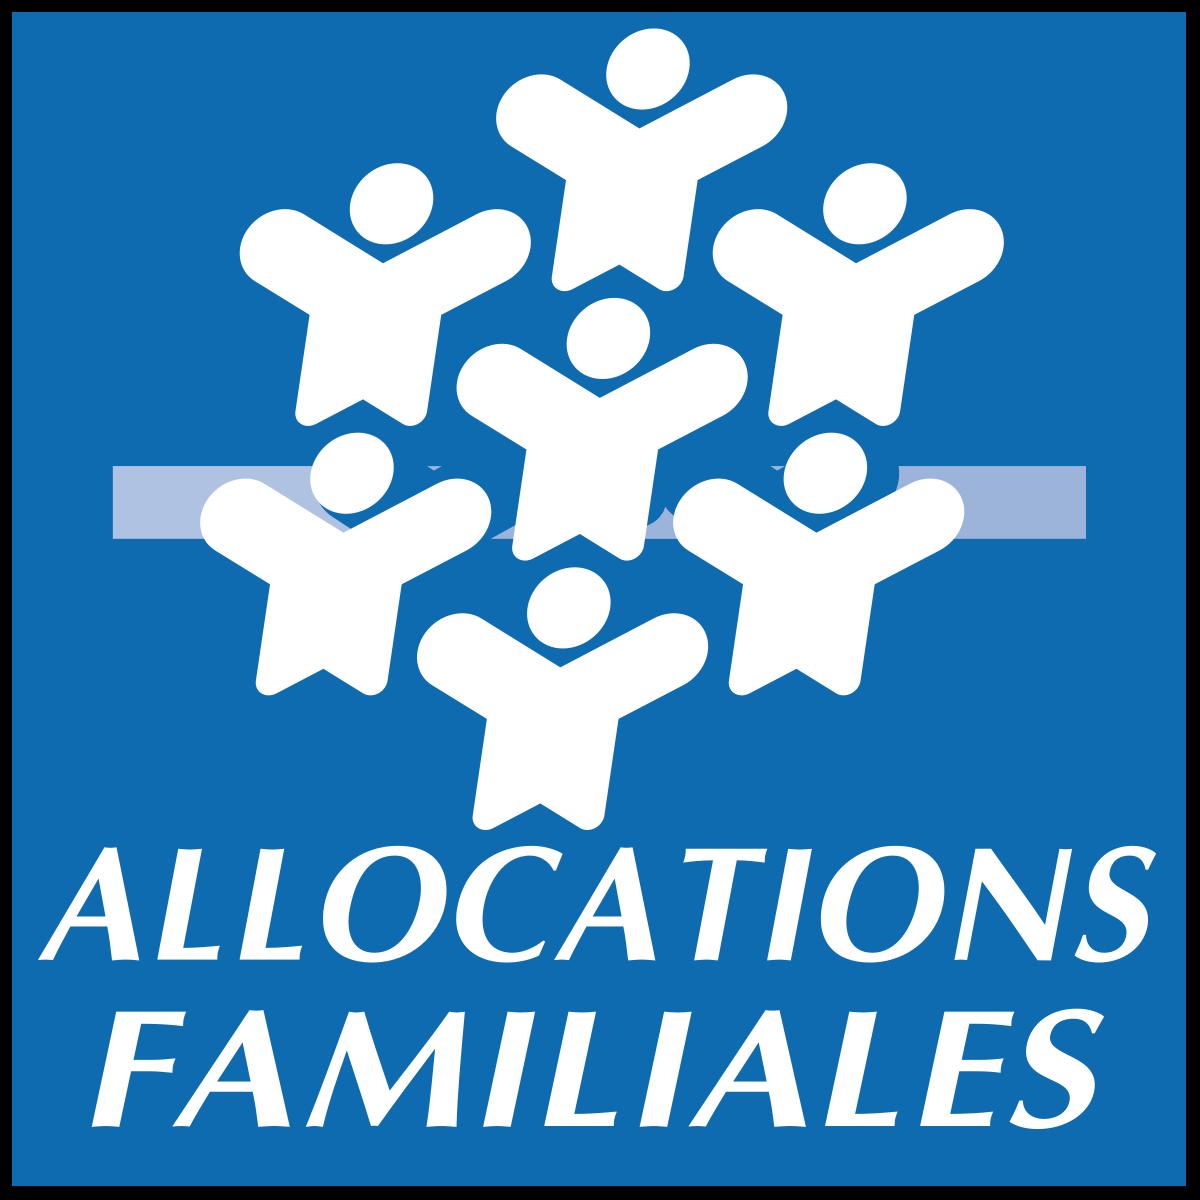 Logo de la Caisse d'Allocations Familiales, soutien d'Info Jeunes Bretagne